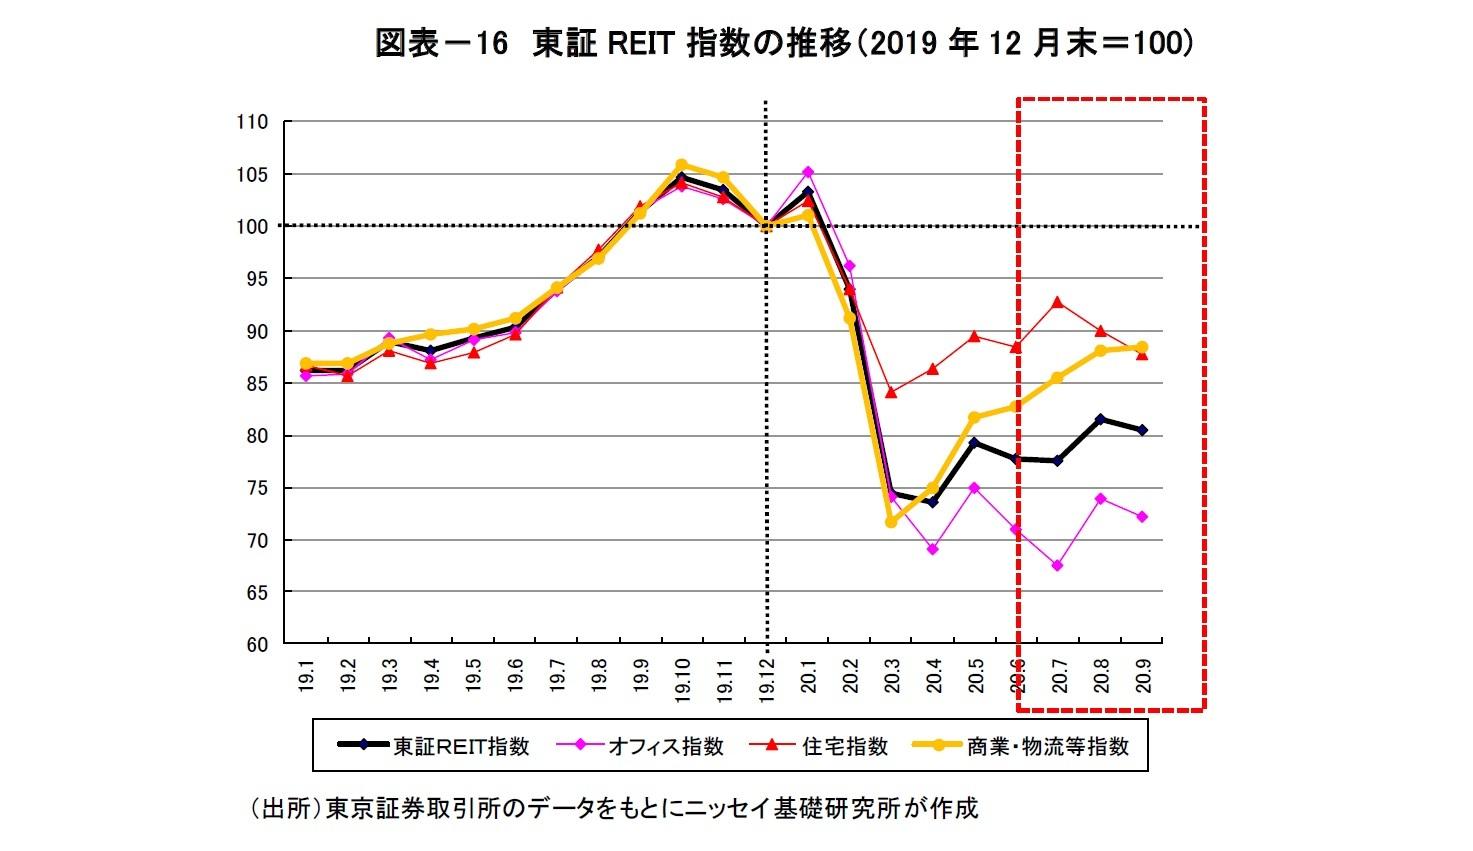 図表-16 東証REIT指数の推移(2019年12月末=100)